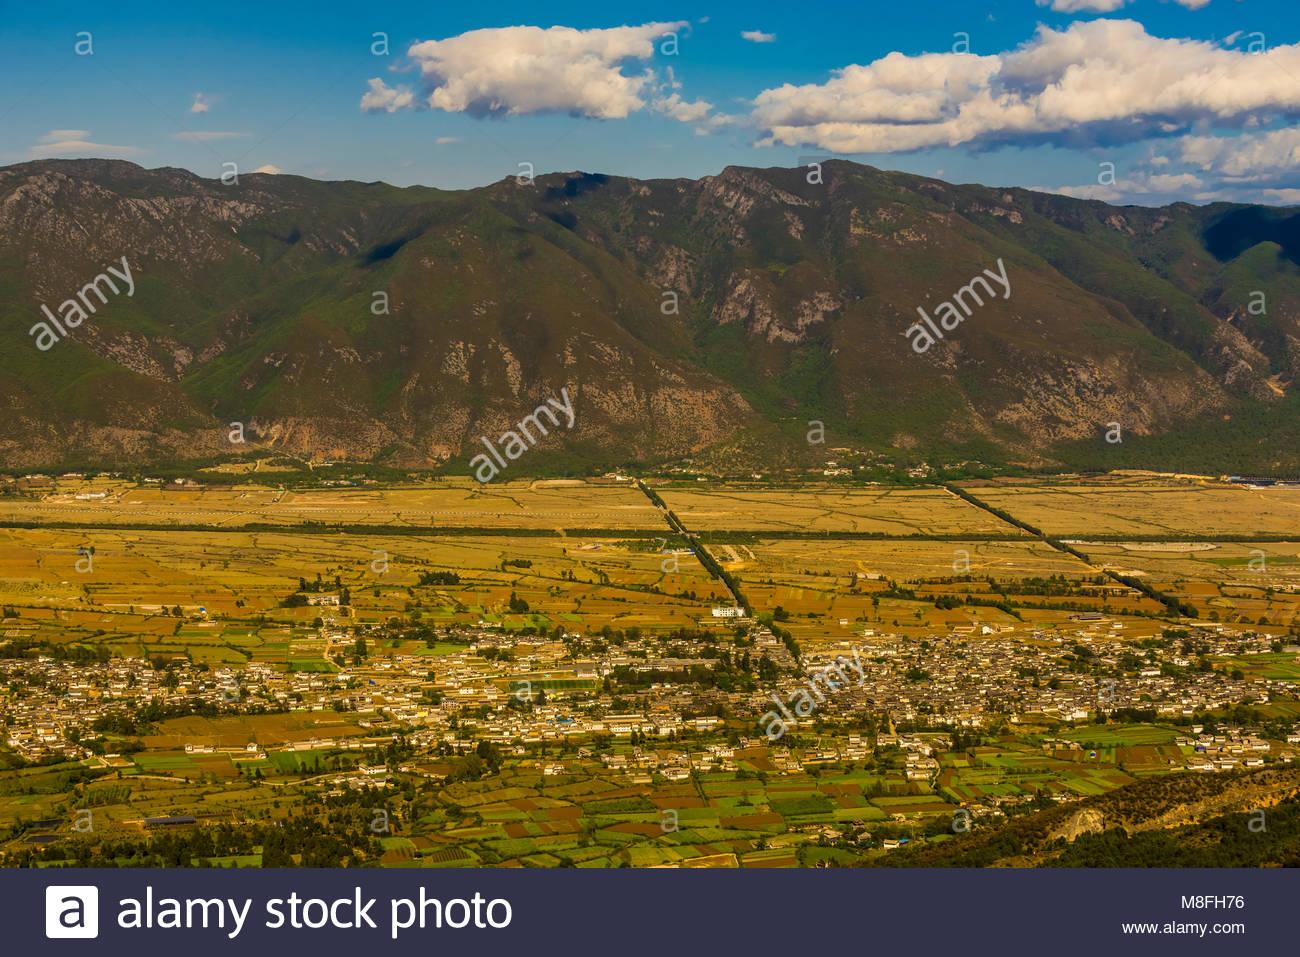 Villages near Lijiang, Yunnan Province, China. - Stock Image